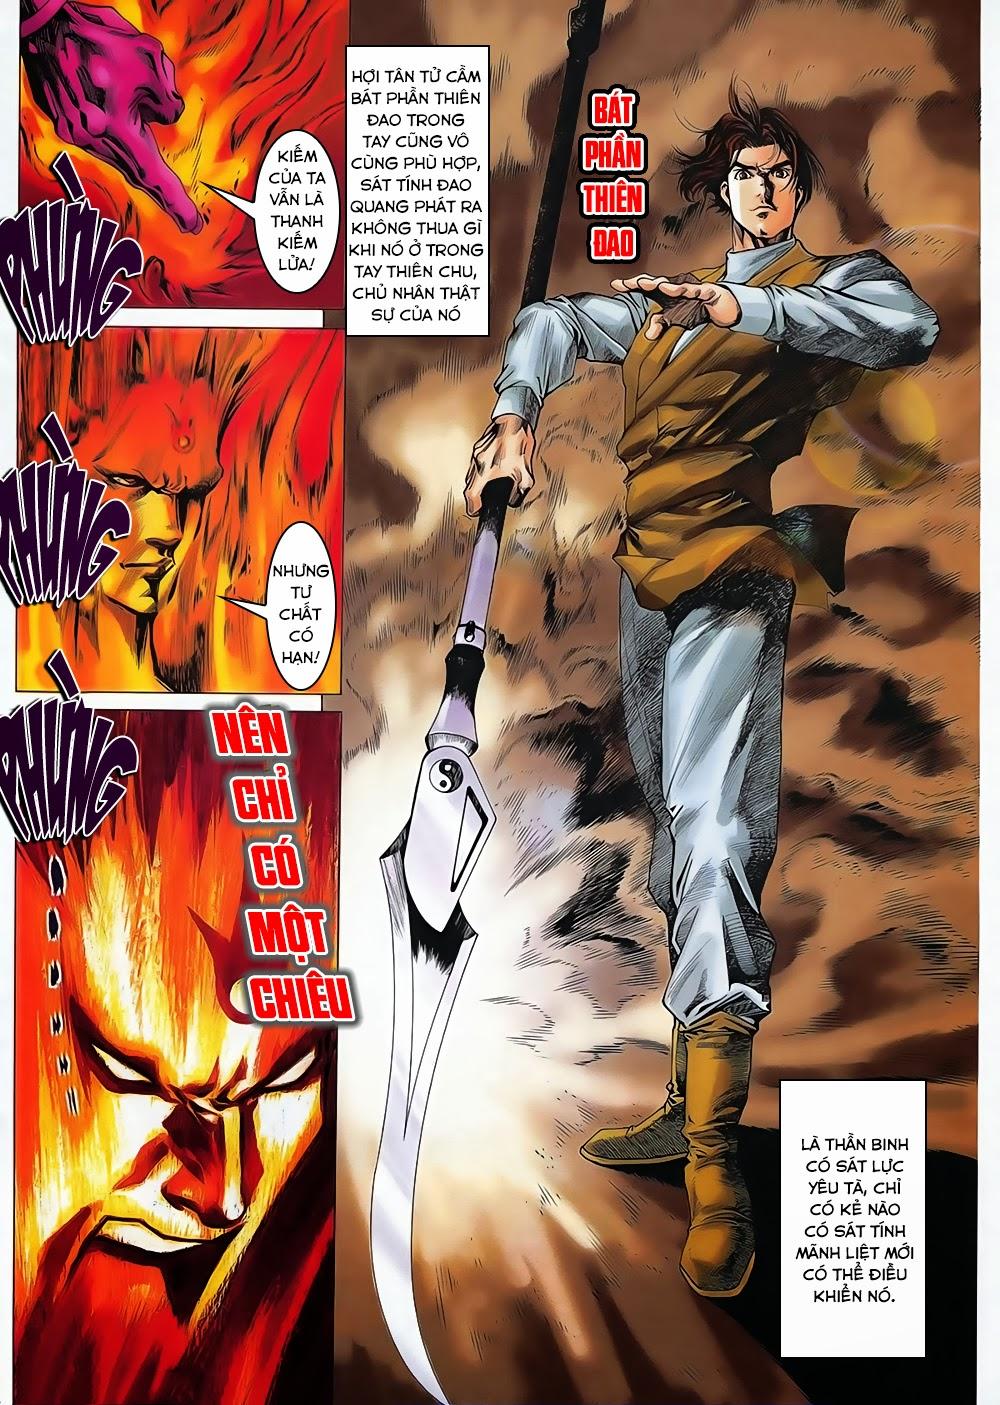 Lục Đạo Thiên Thư chap 31 - Trang 8